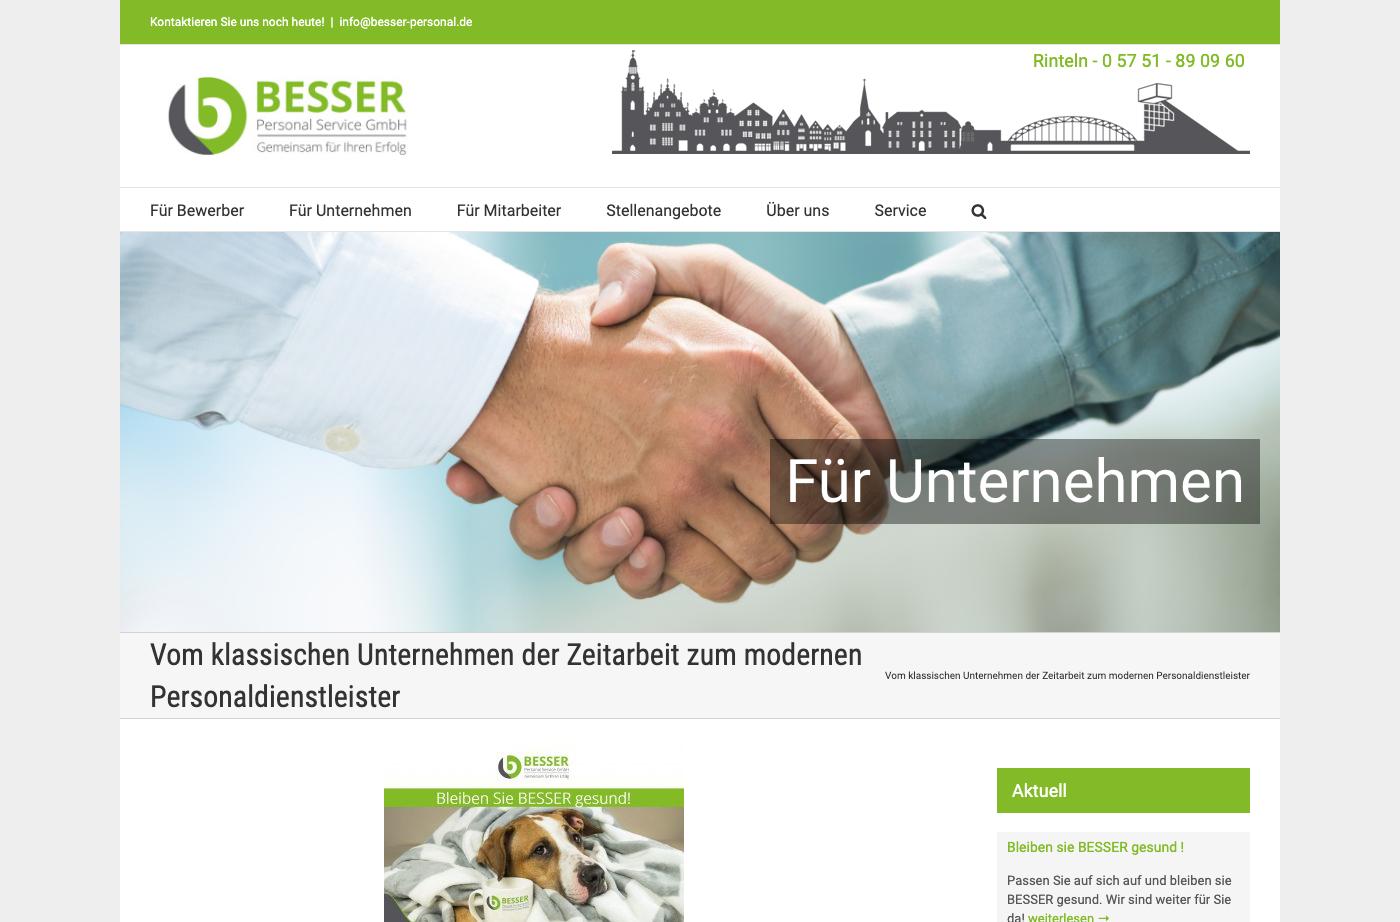 besser-personal-service-gmbh